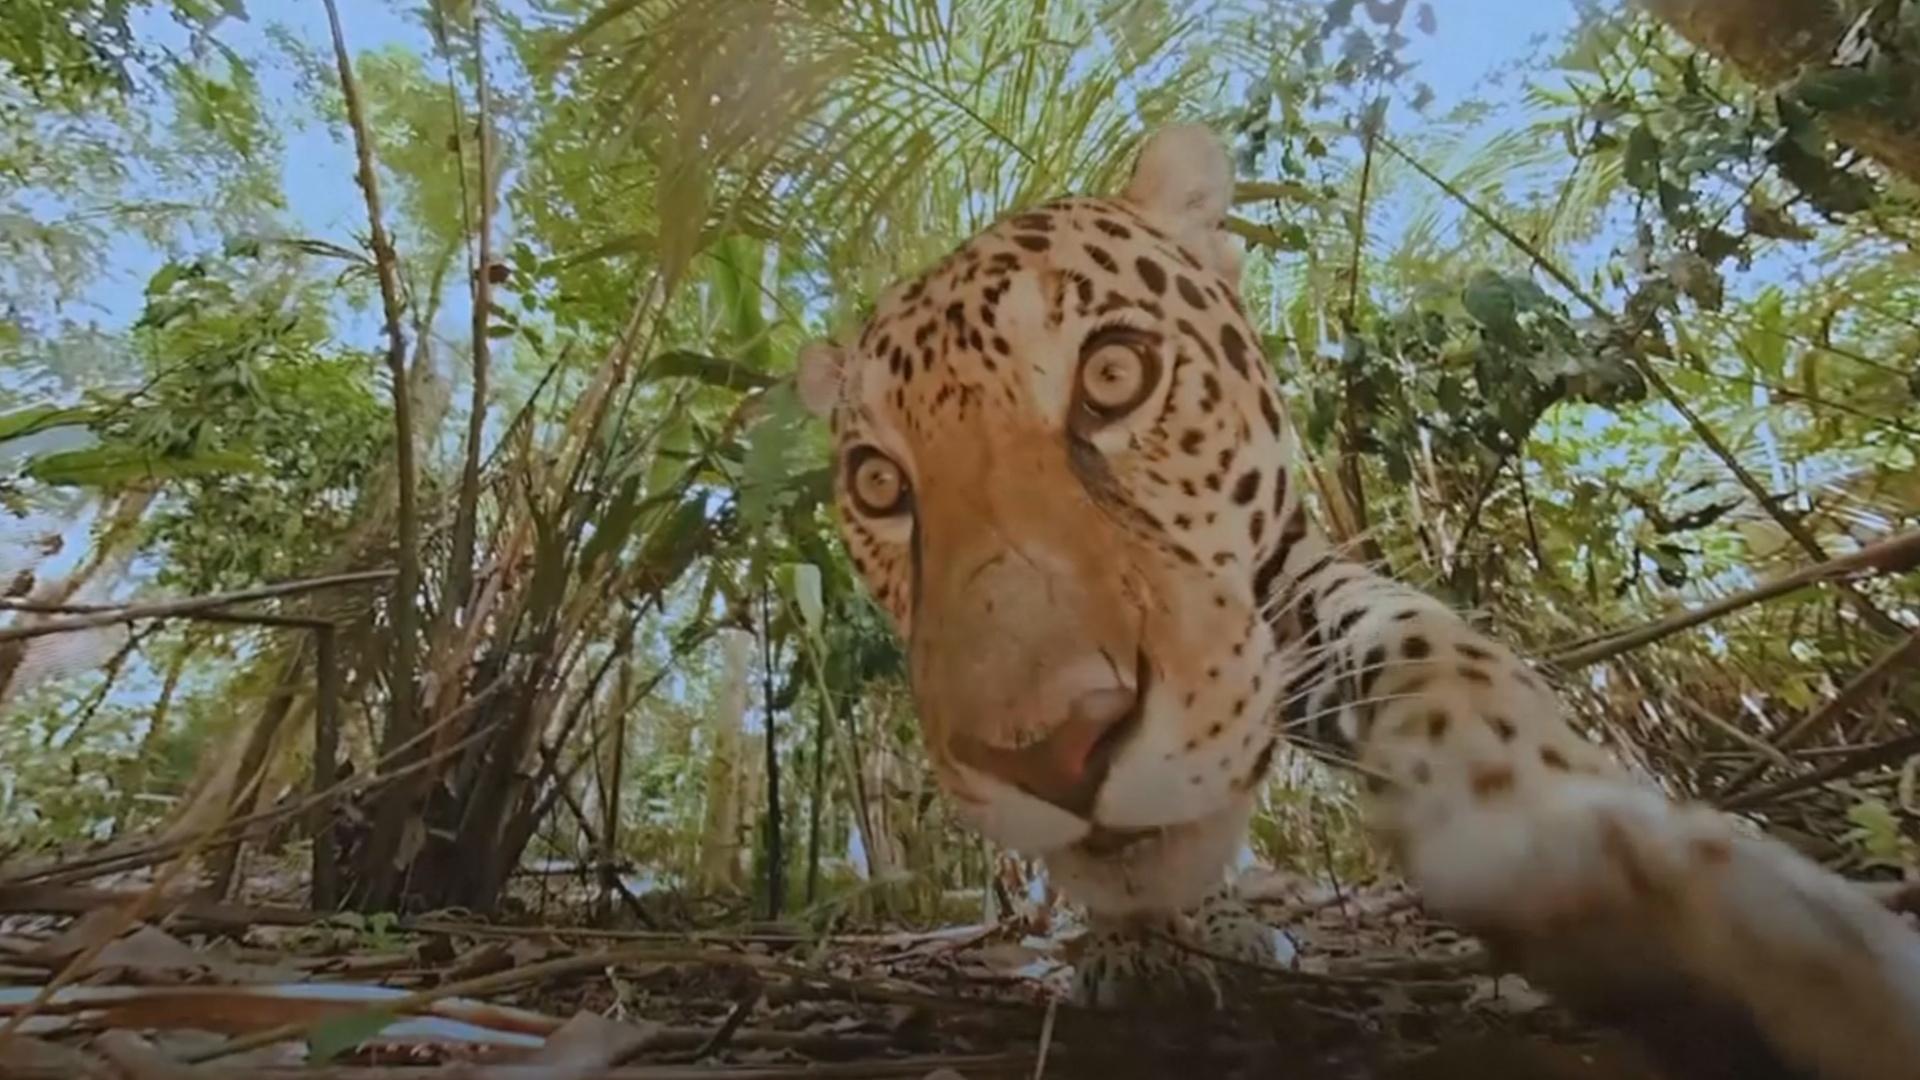 Виртуальная реальность помогает парижанам знакомиться с дикими животными